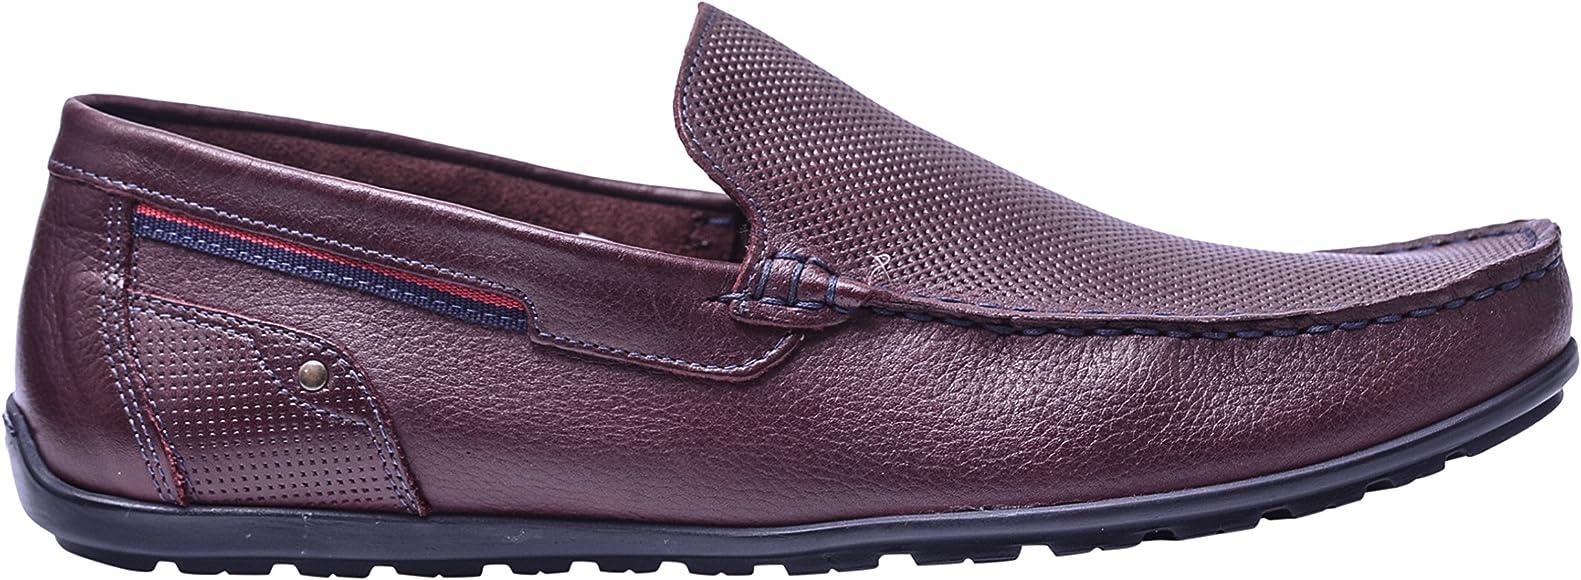 mens burgundy slip on shoes